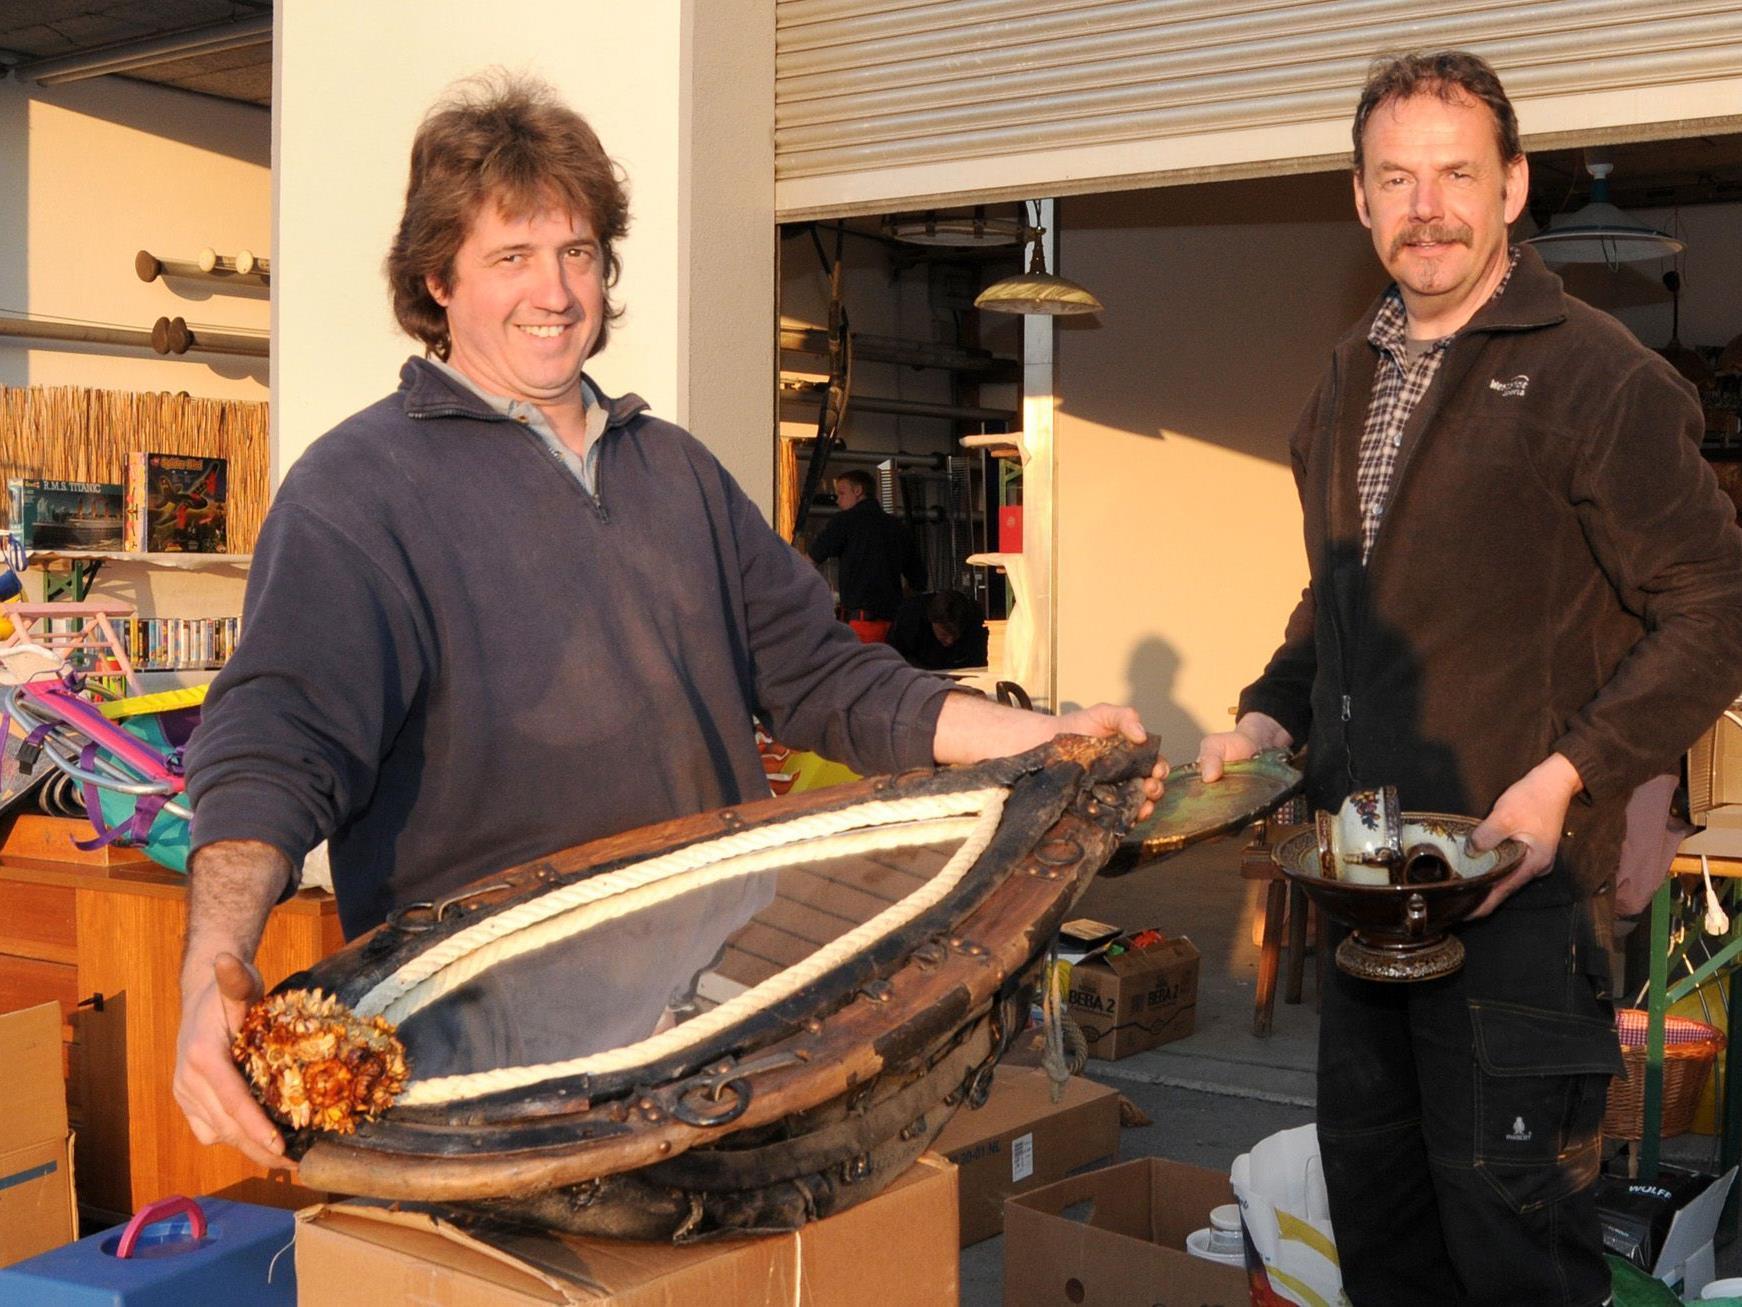 Am Samstag, den 24. März, wird beim Flohmarkt im Bauhof Höchst allerhand angeboten.